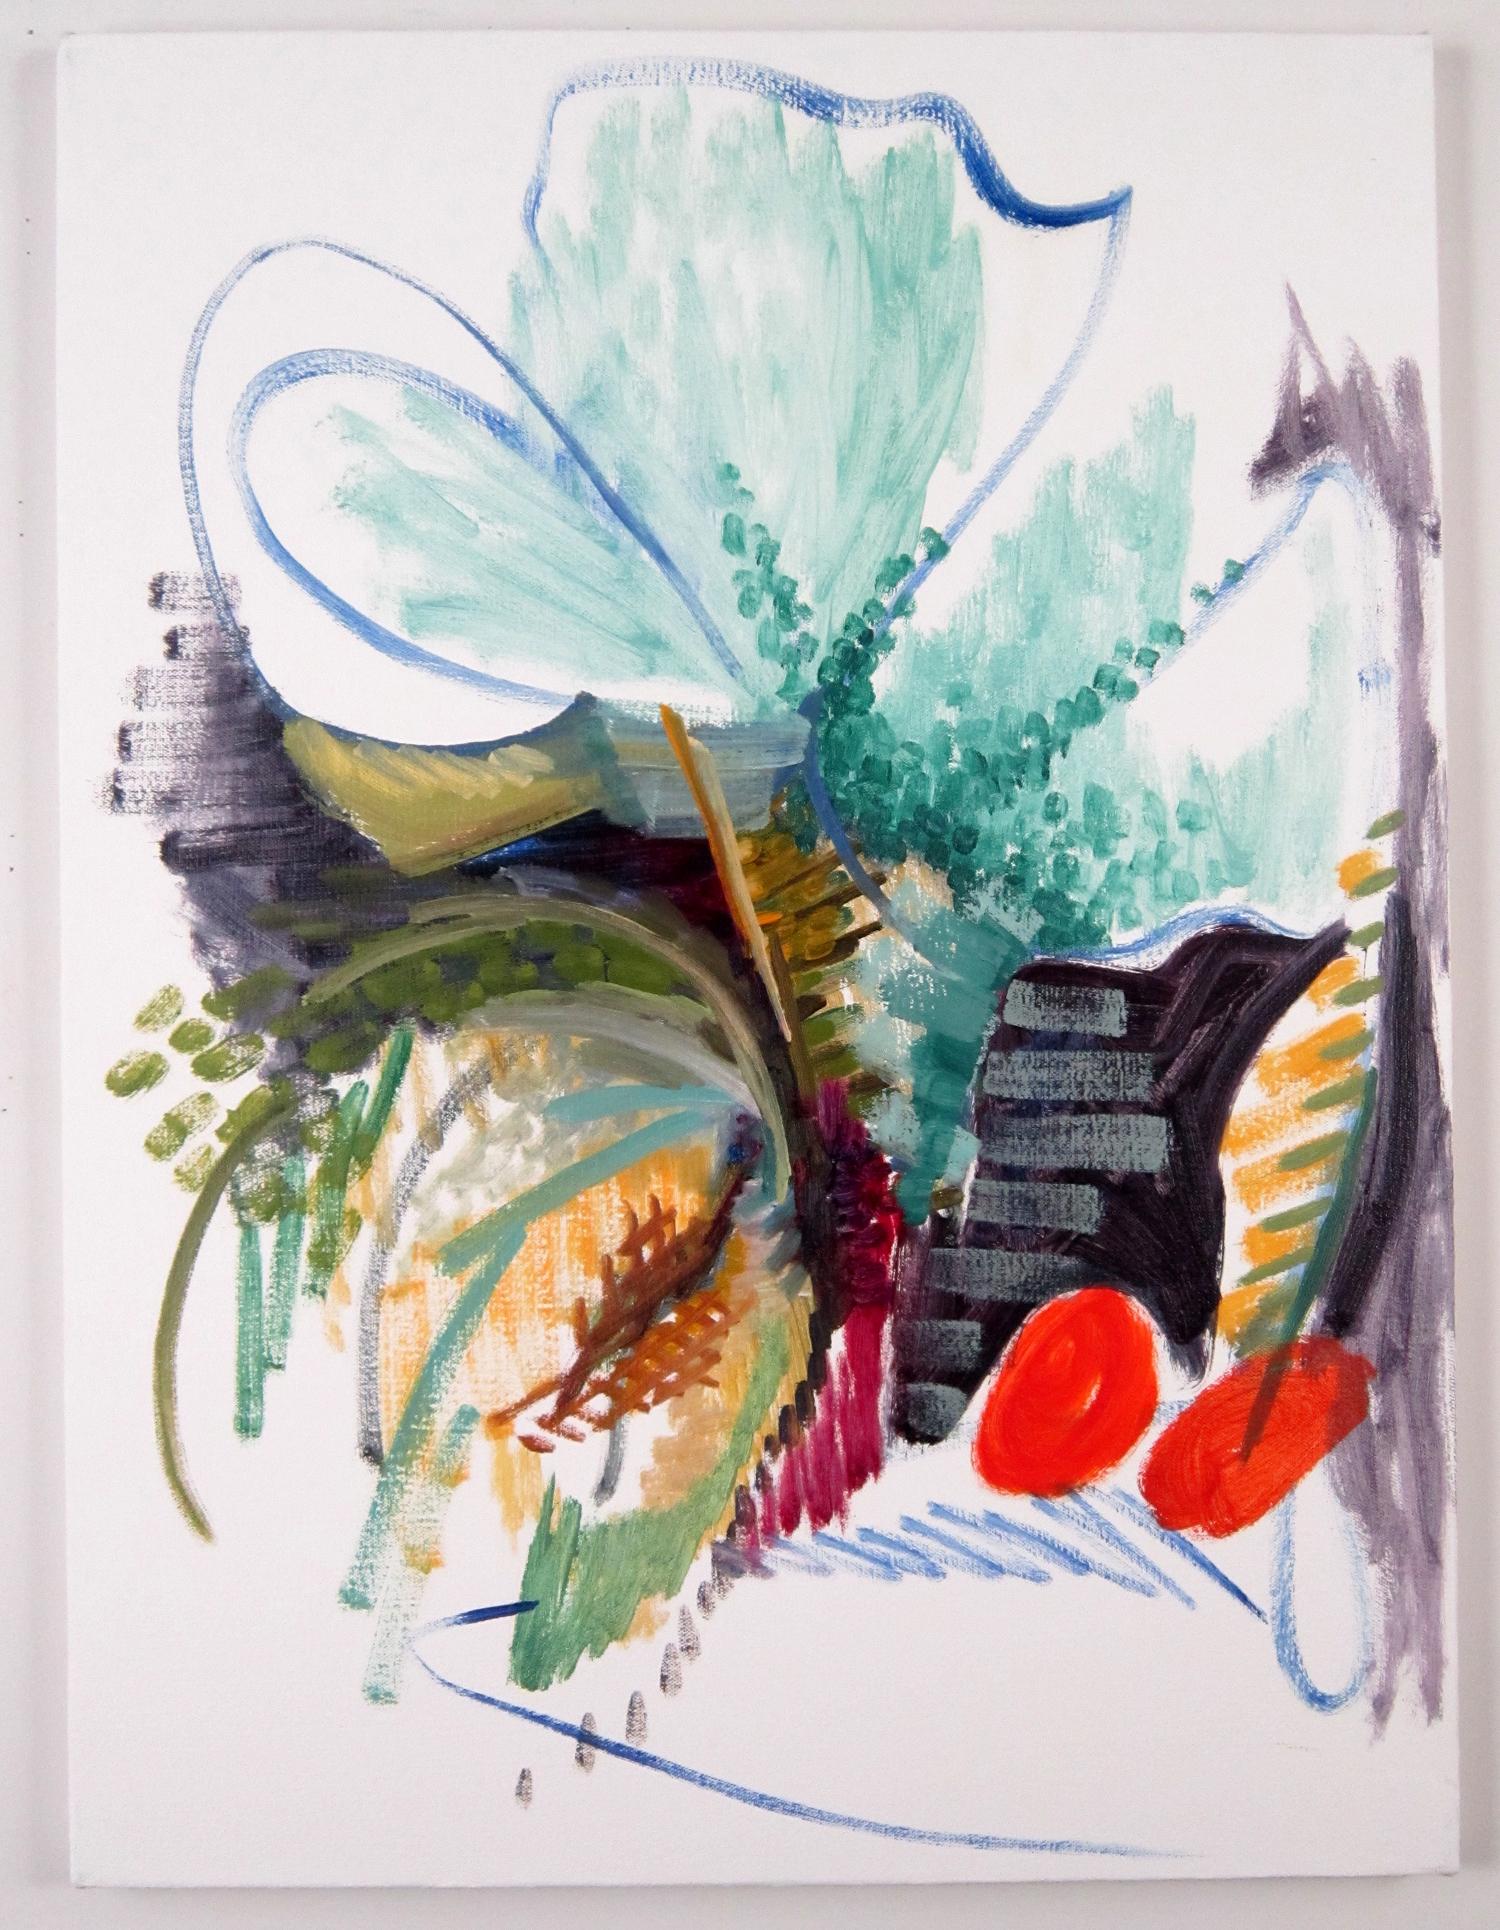 Todd Kelly, Artist